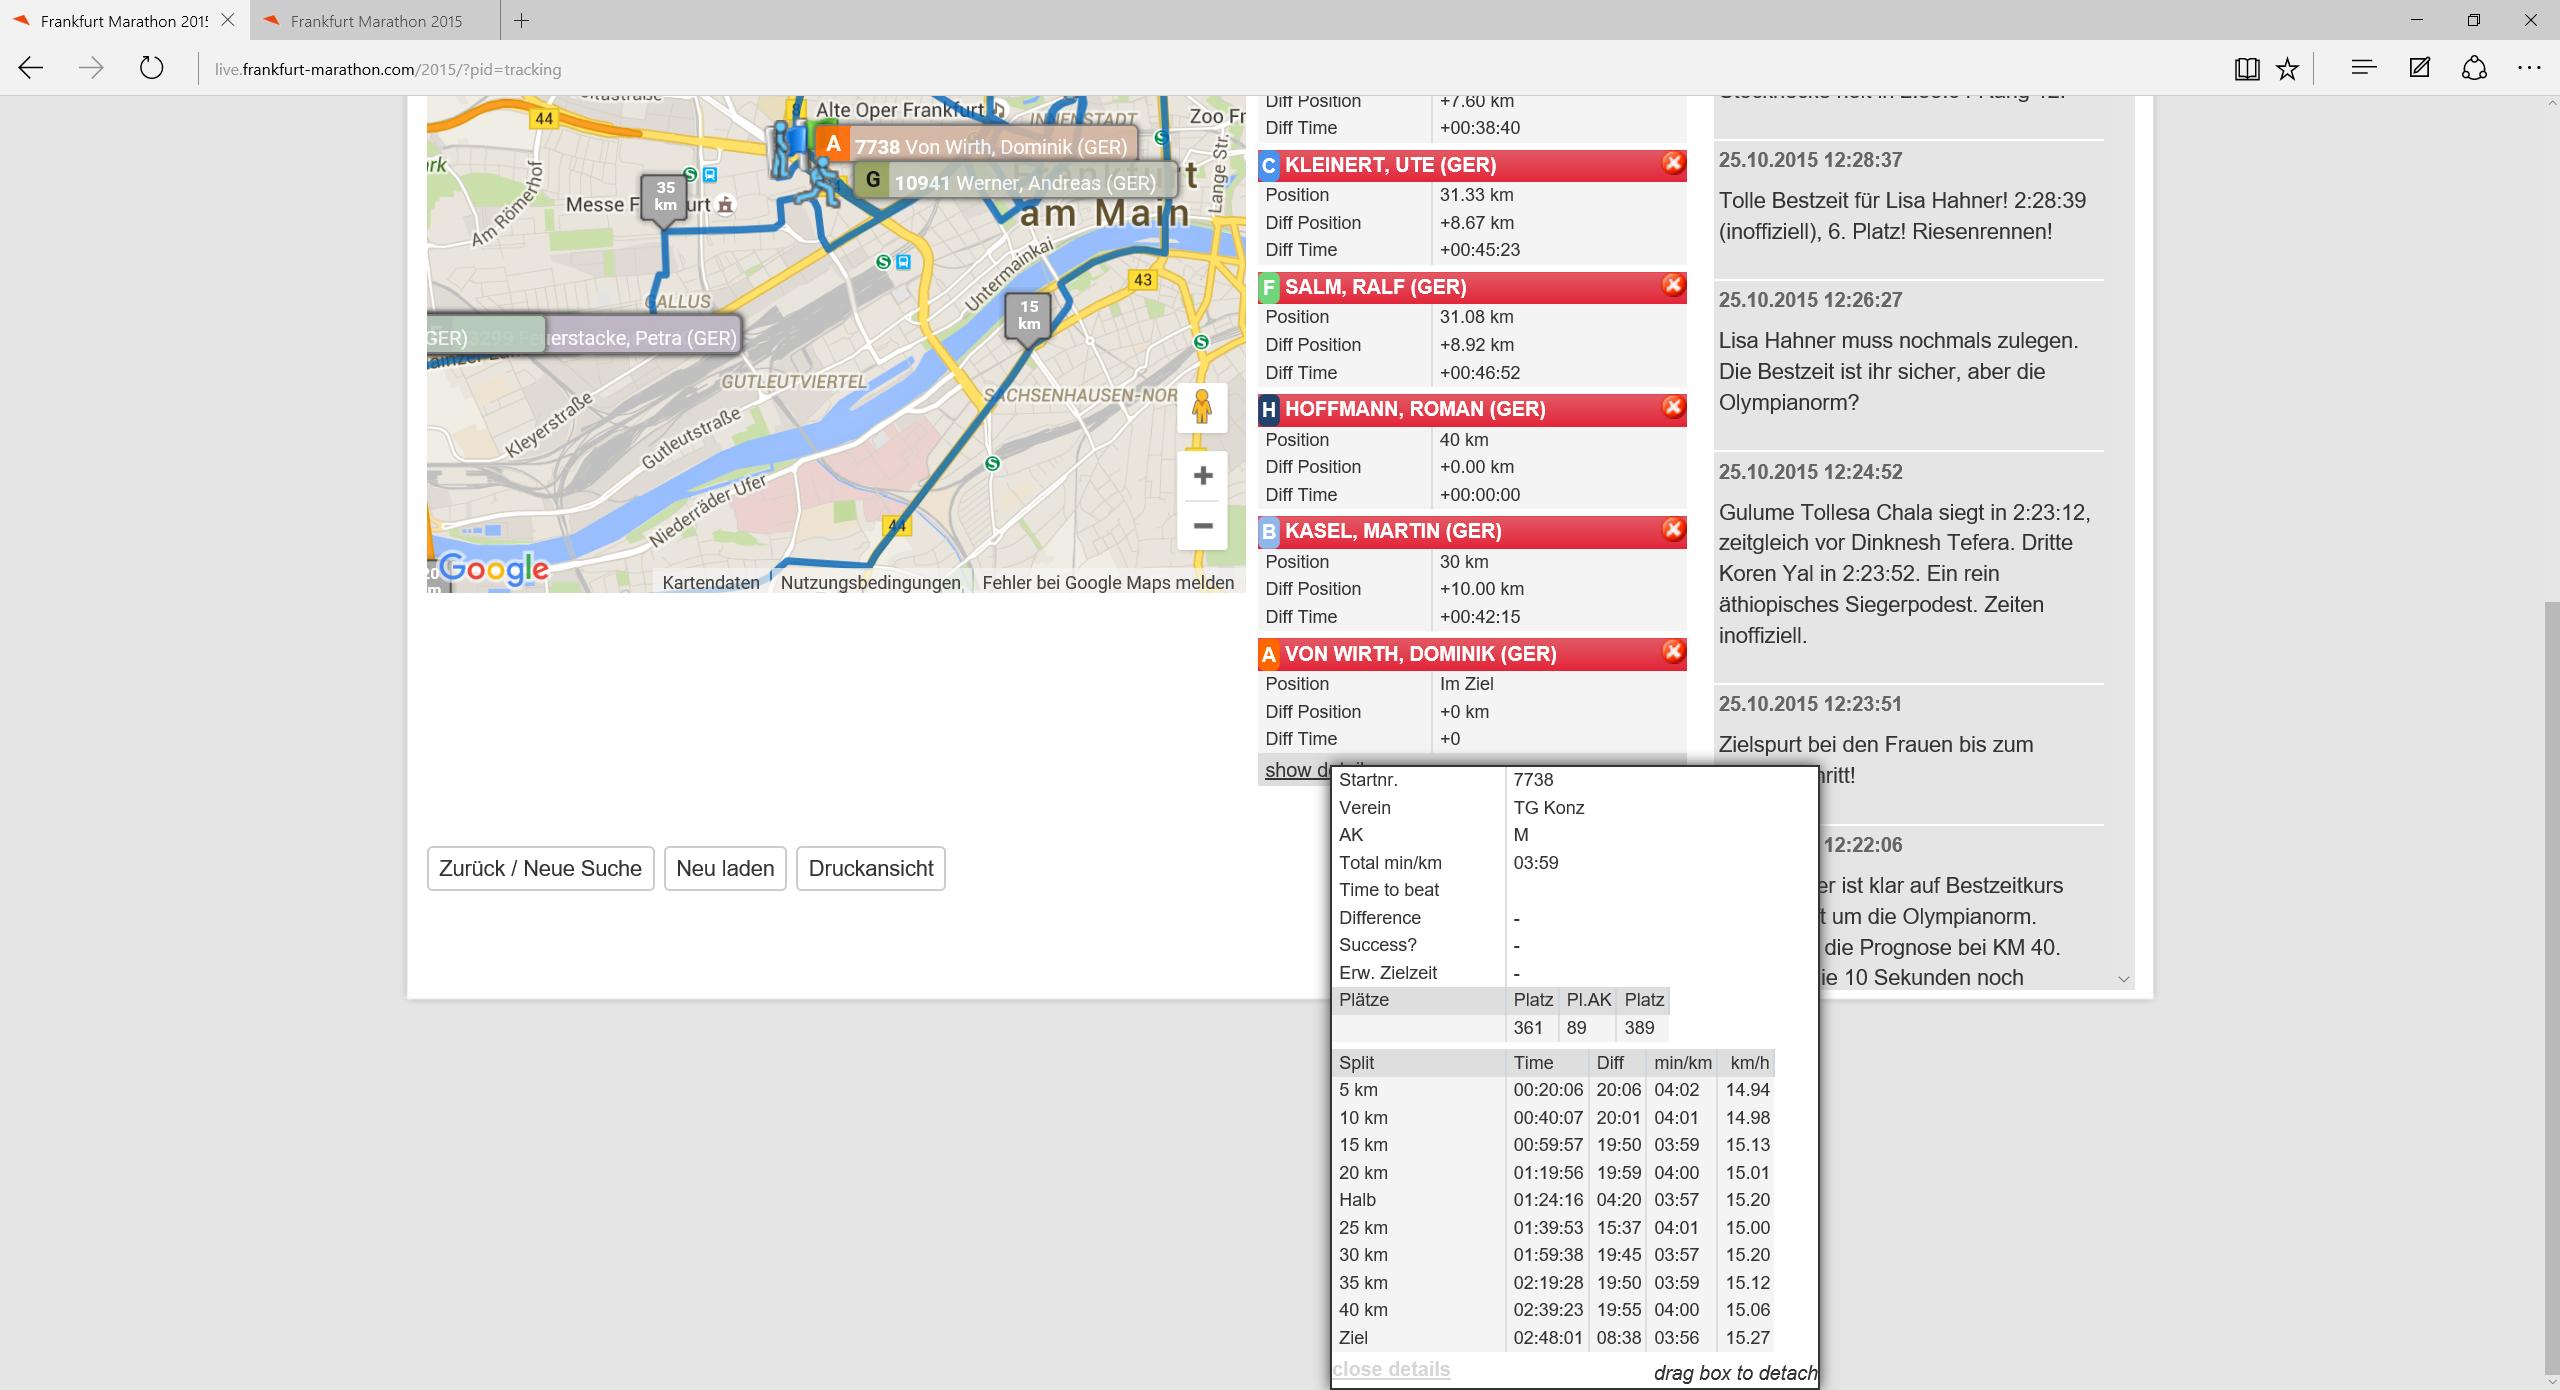 Lisa läuft auf Platz 6, aber verpasst Olympia um 9s in 2:28:39.